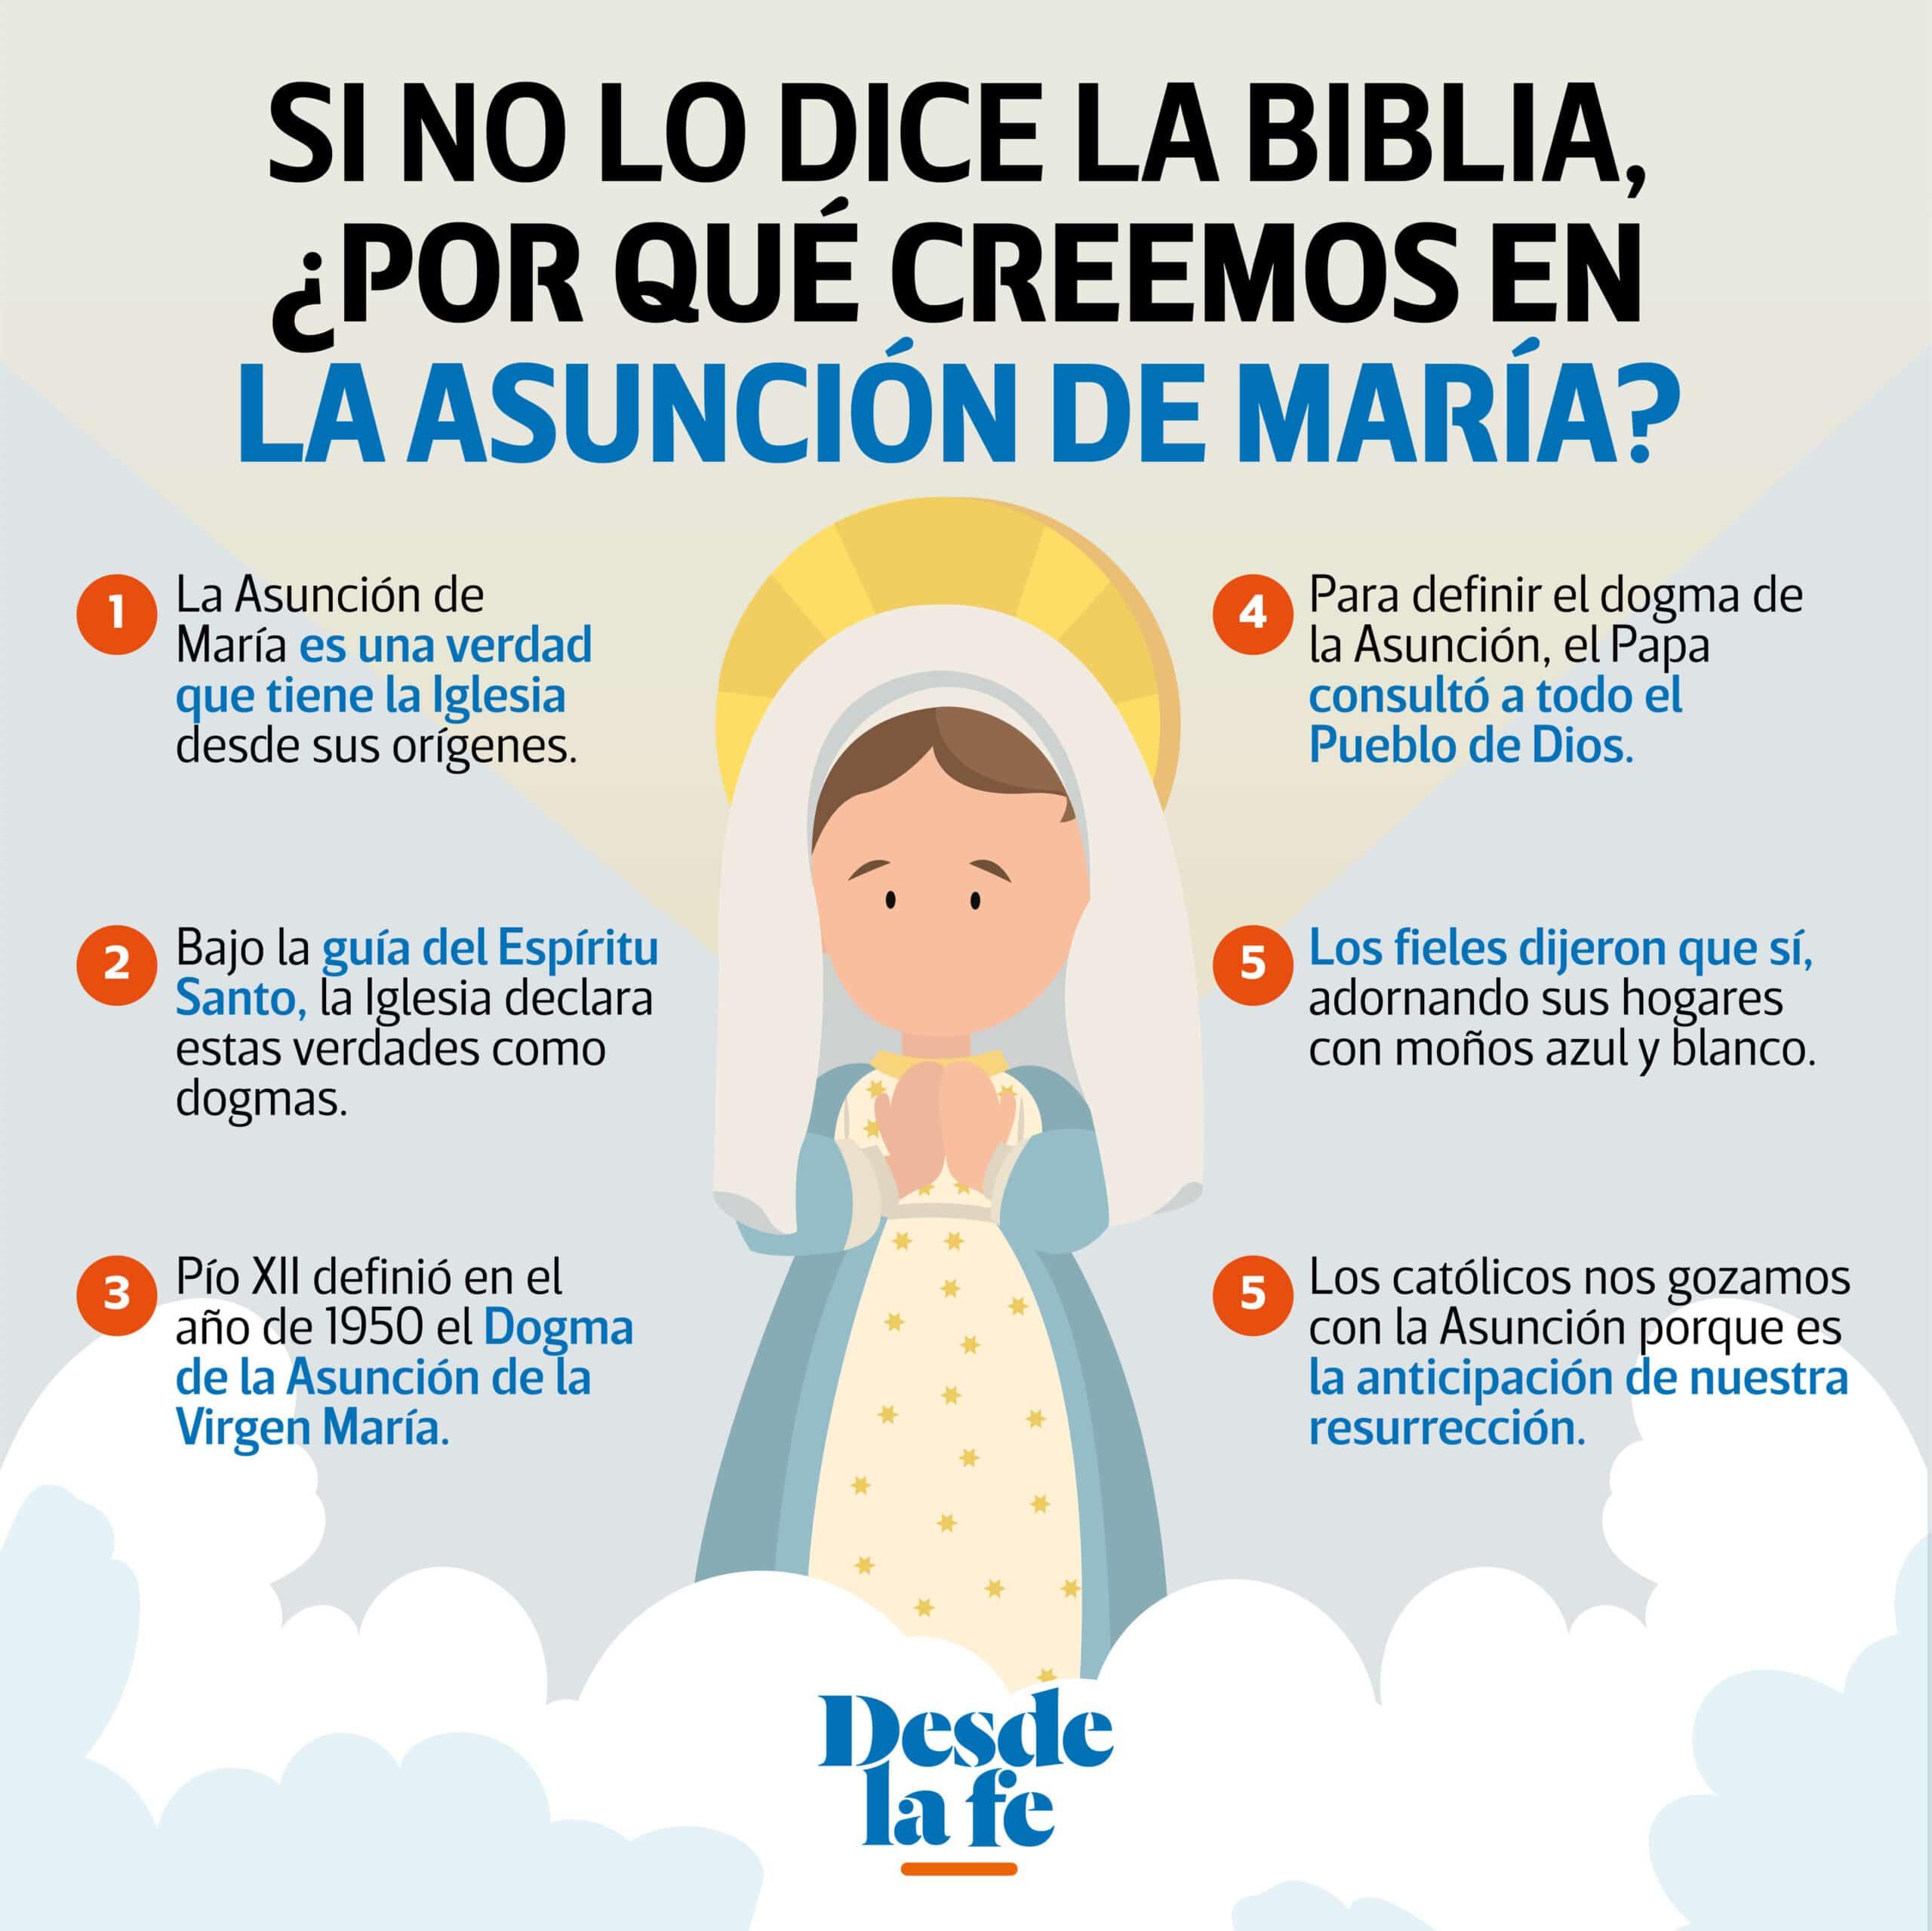 Si la Biblia no lo dice, ¿por qué creemos en la Asunción de María?